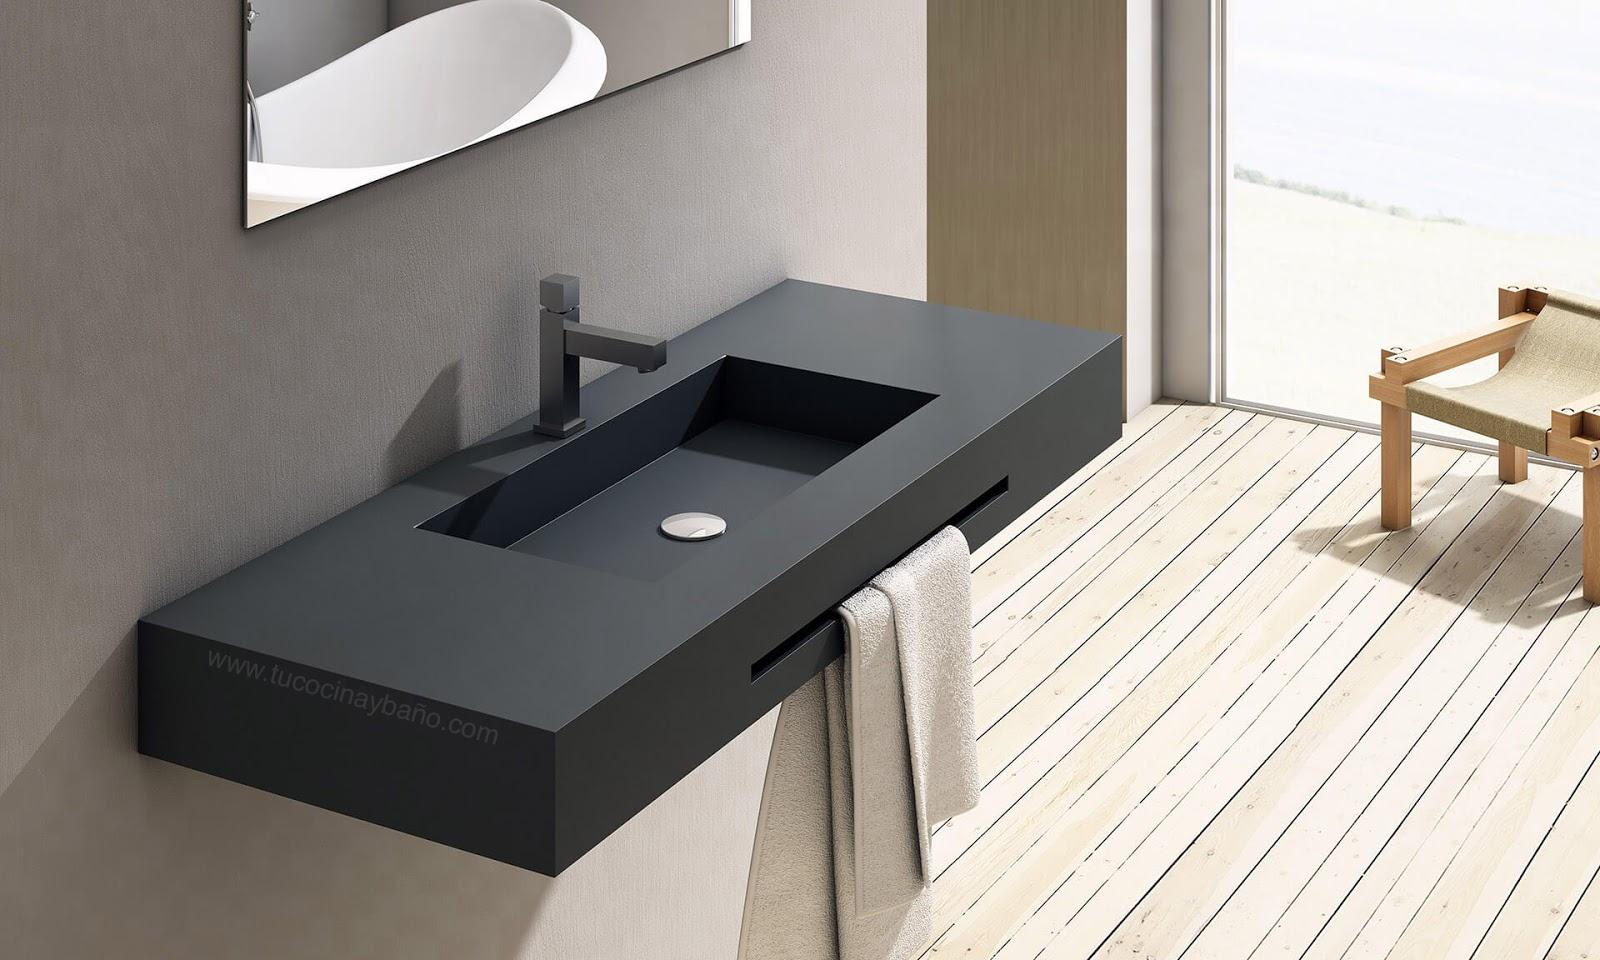 Encimera lavabo suspendido tu cocina y ba o - Lavabos de pared ...